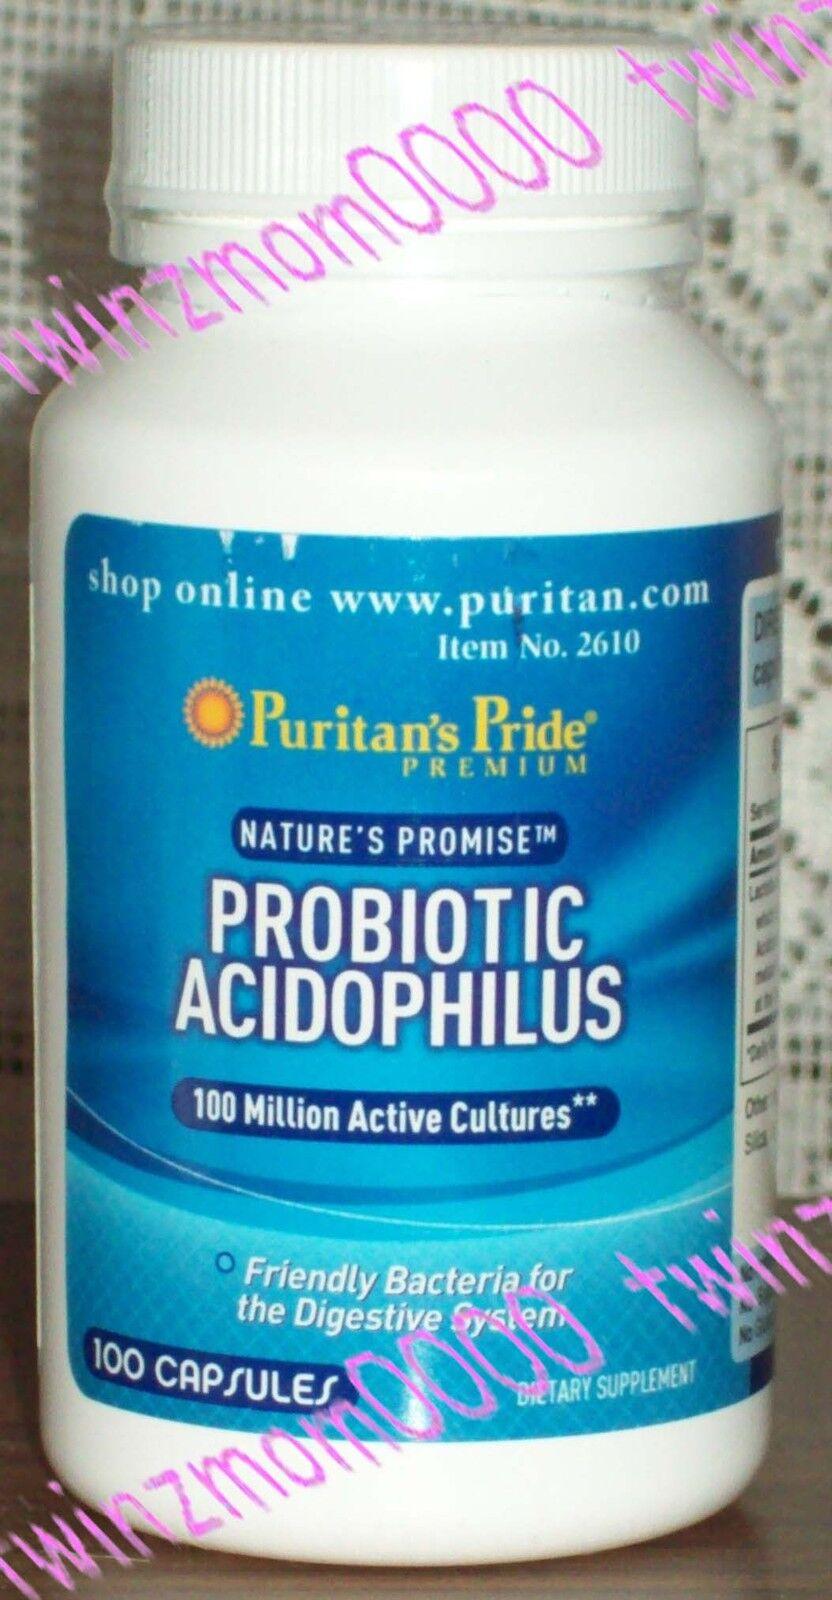 Puritan's Pride Probiotic Acidophilus-100 Capsules